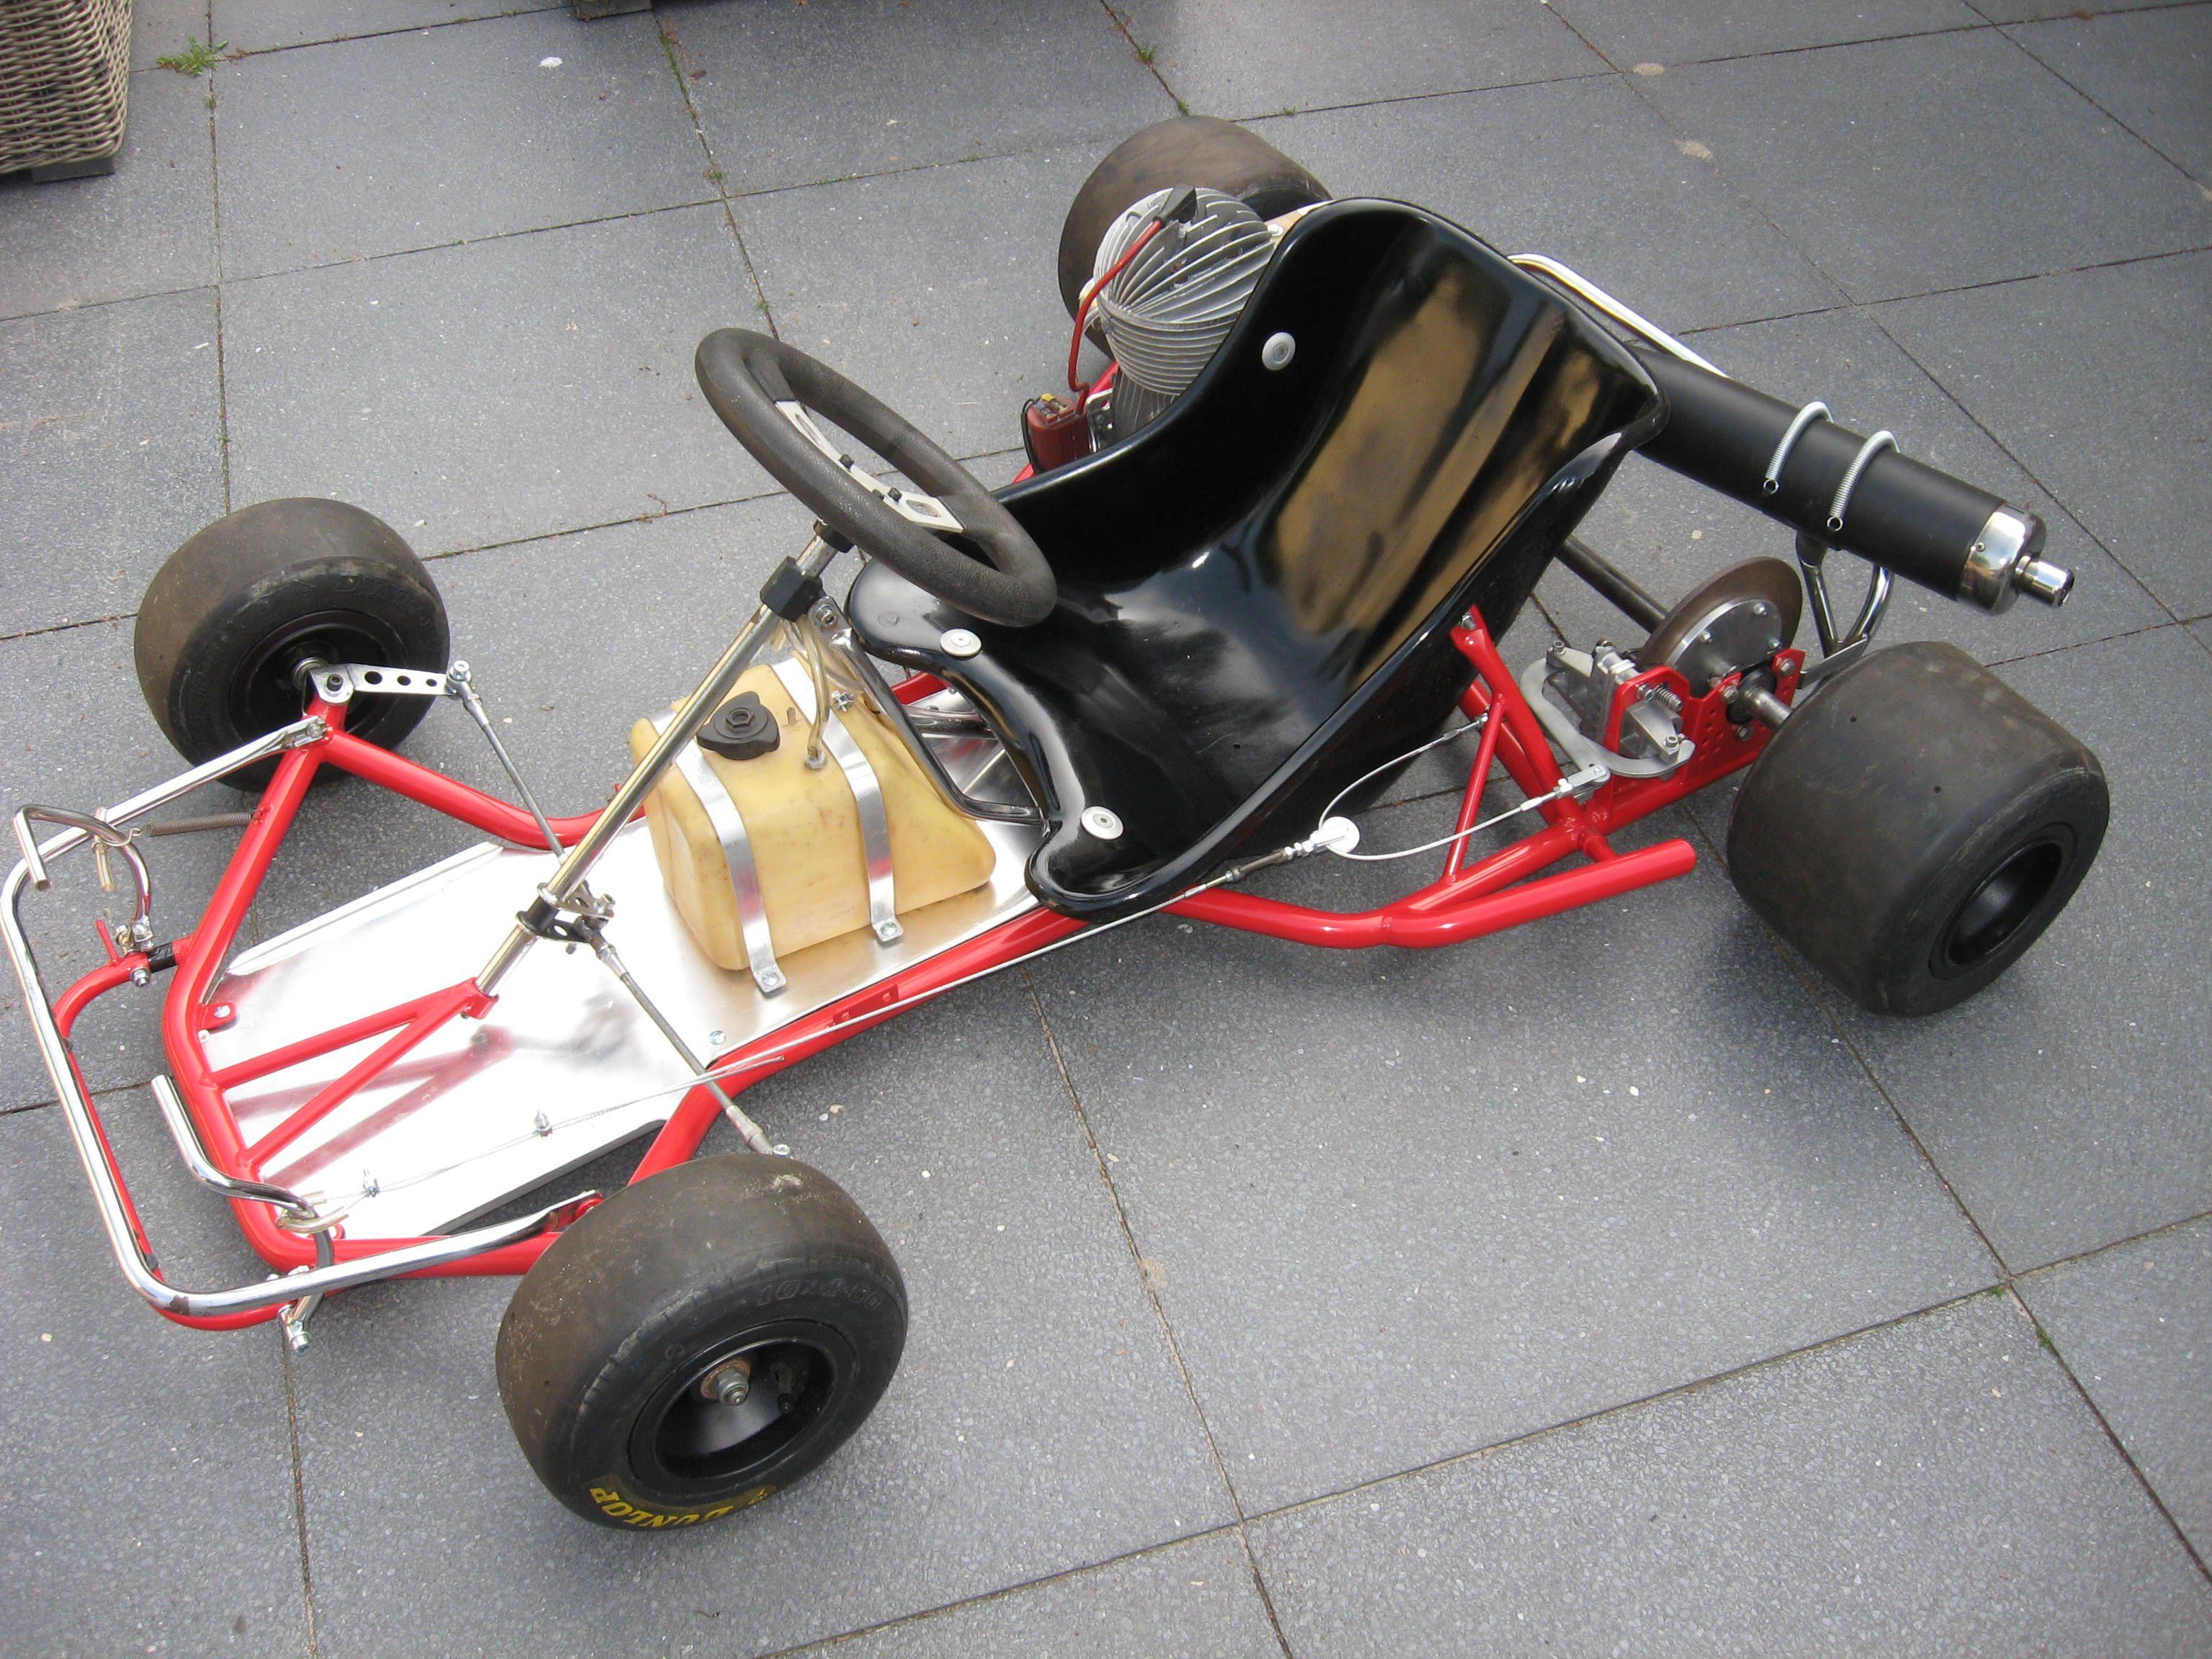 Pin by Donny Bergmann on Go Karts | Pinterest | Karting